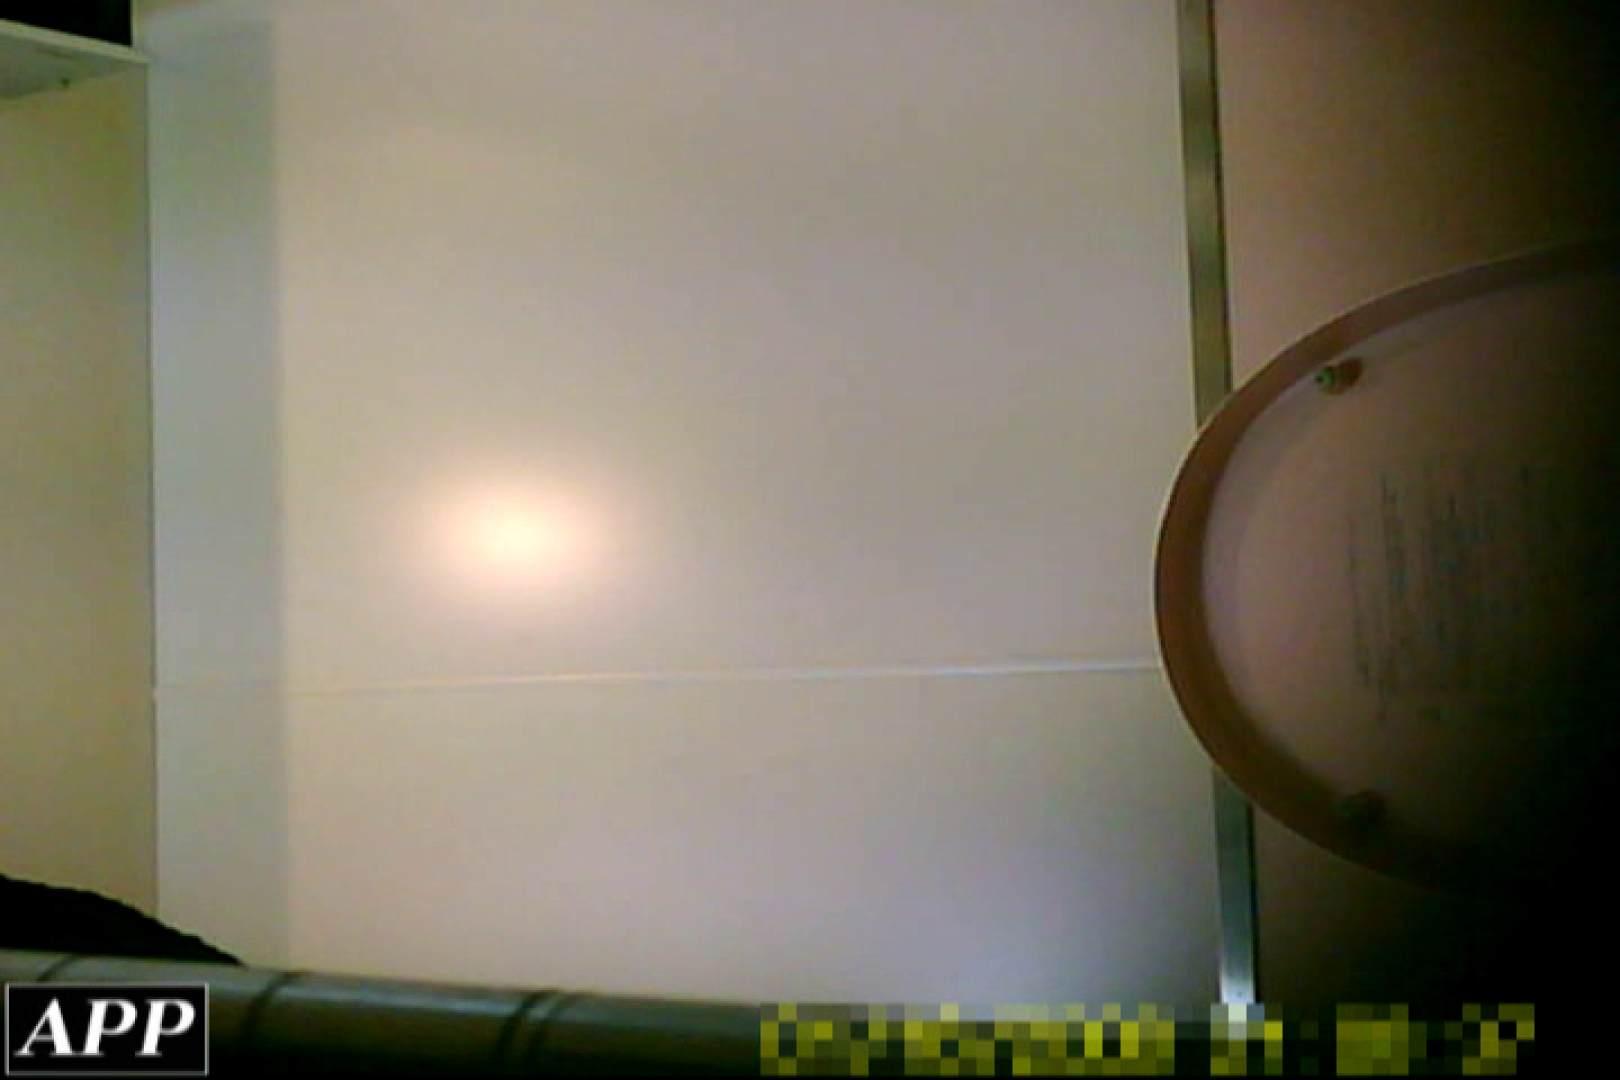 3視点洗面所 vol.09 OLの実態 盗み撮りSEX無修正画像 42pic 32